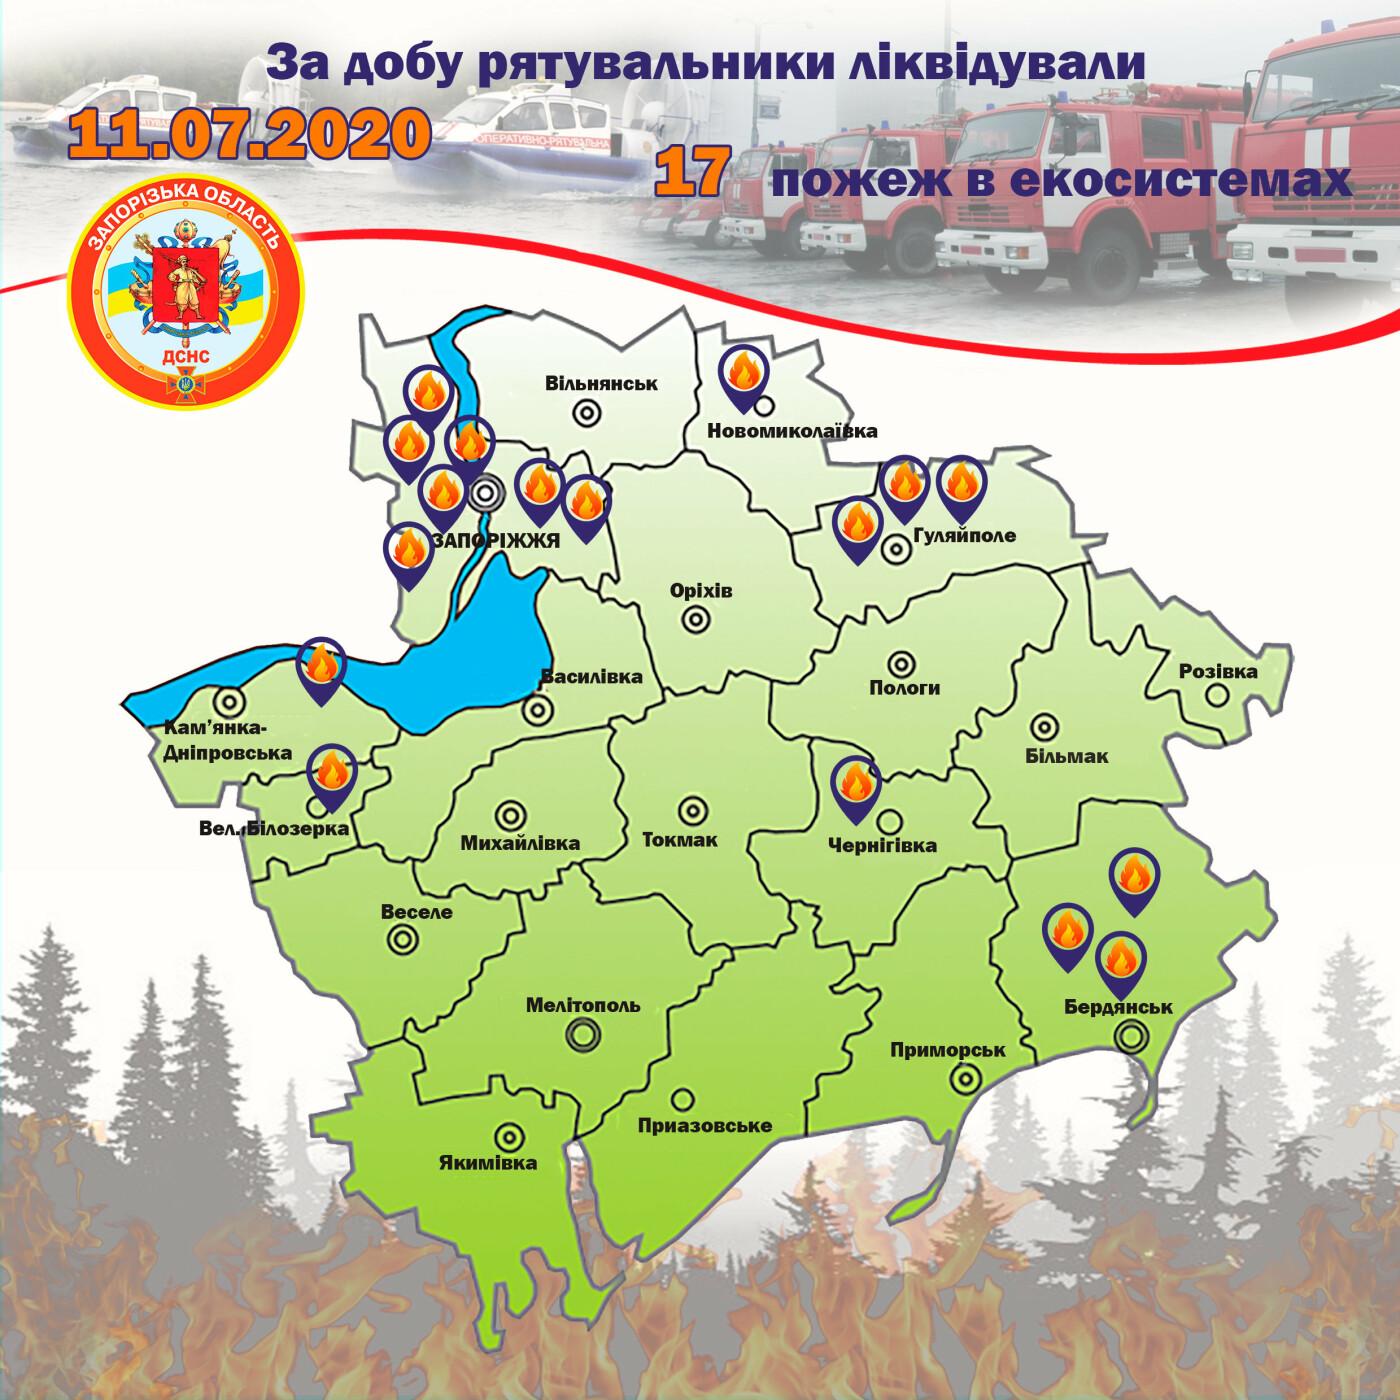 За сутки в Запорожской области спасатели потушили 17 пожаров в экосистемах, фото-1